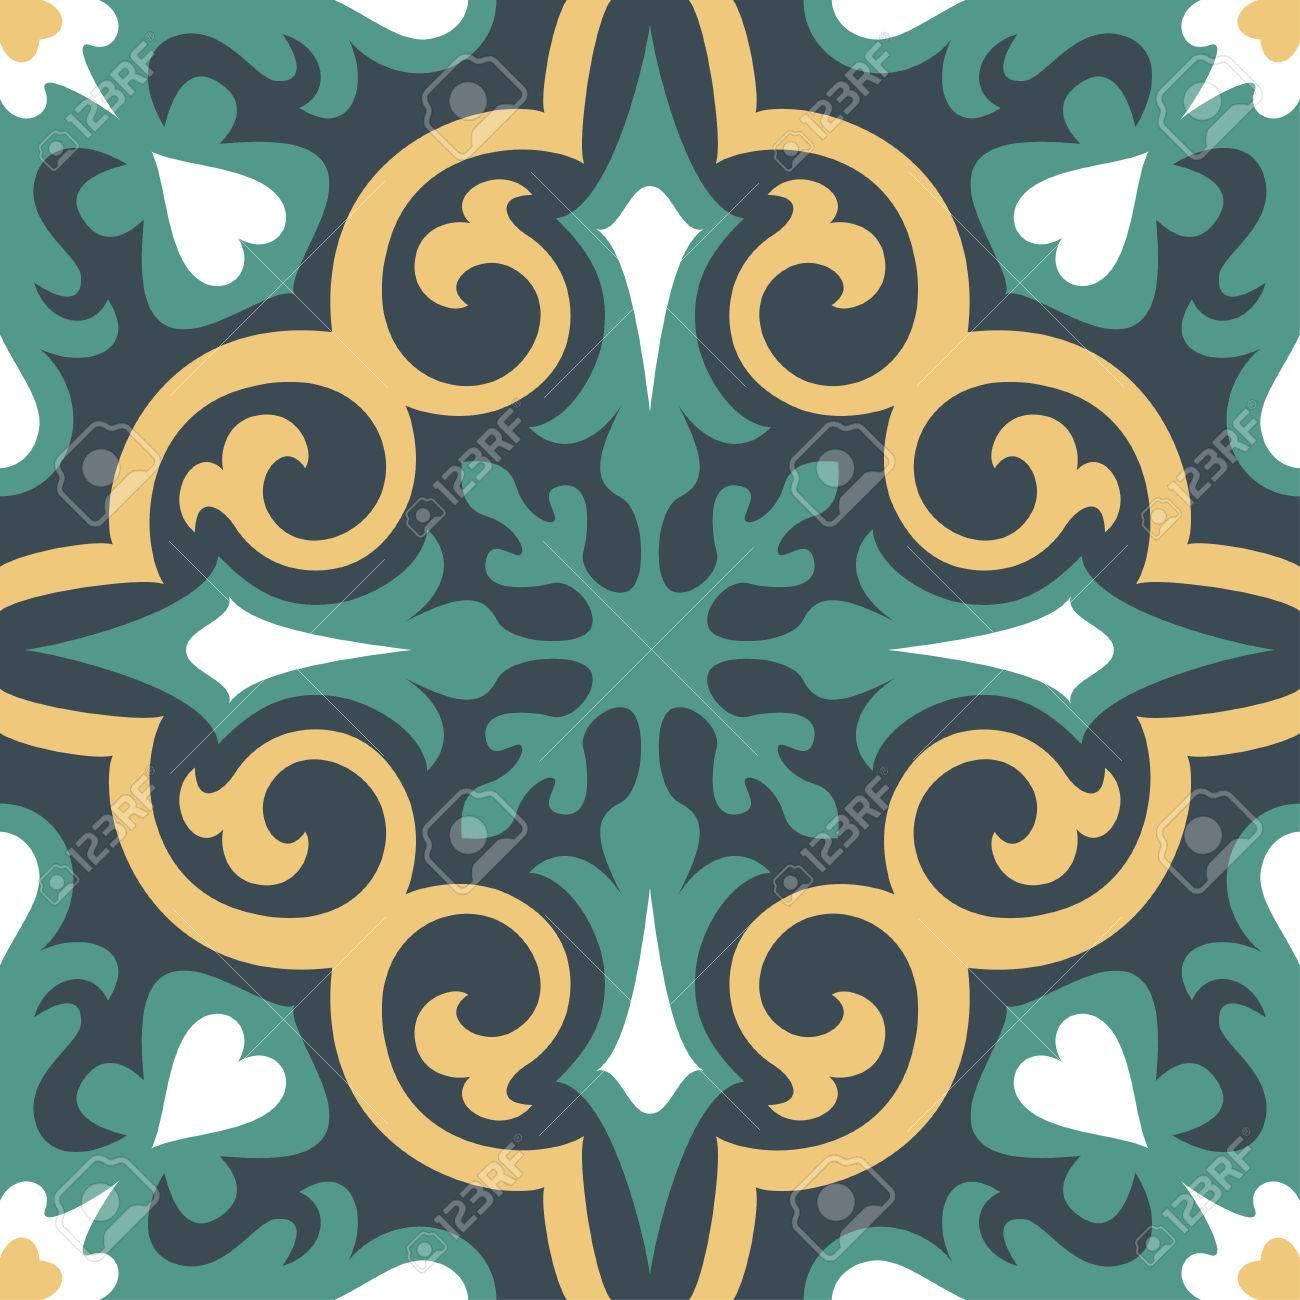 美しい装飾タイルの背景を設定します ベクトル イラスト壁紙